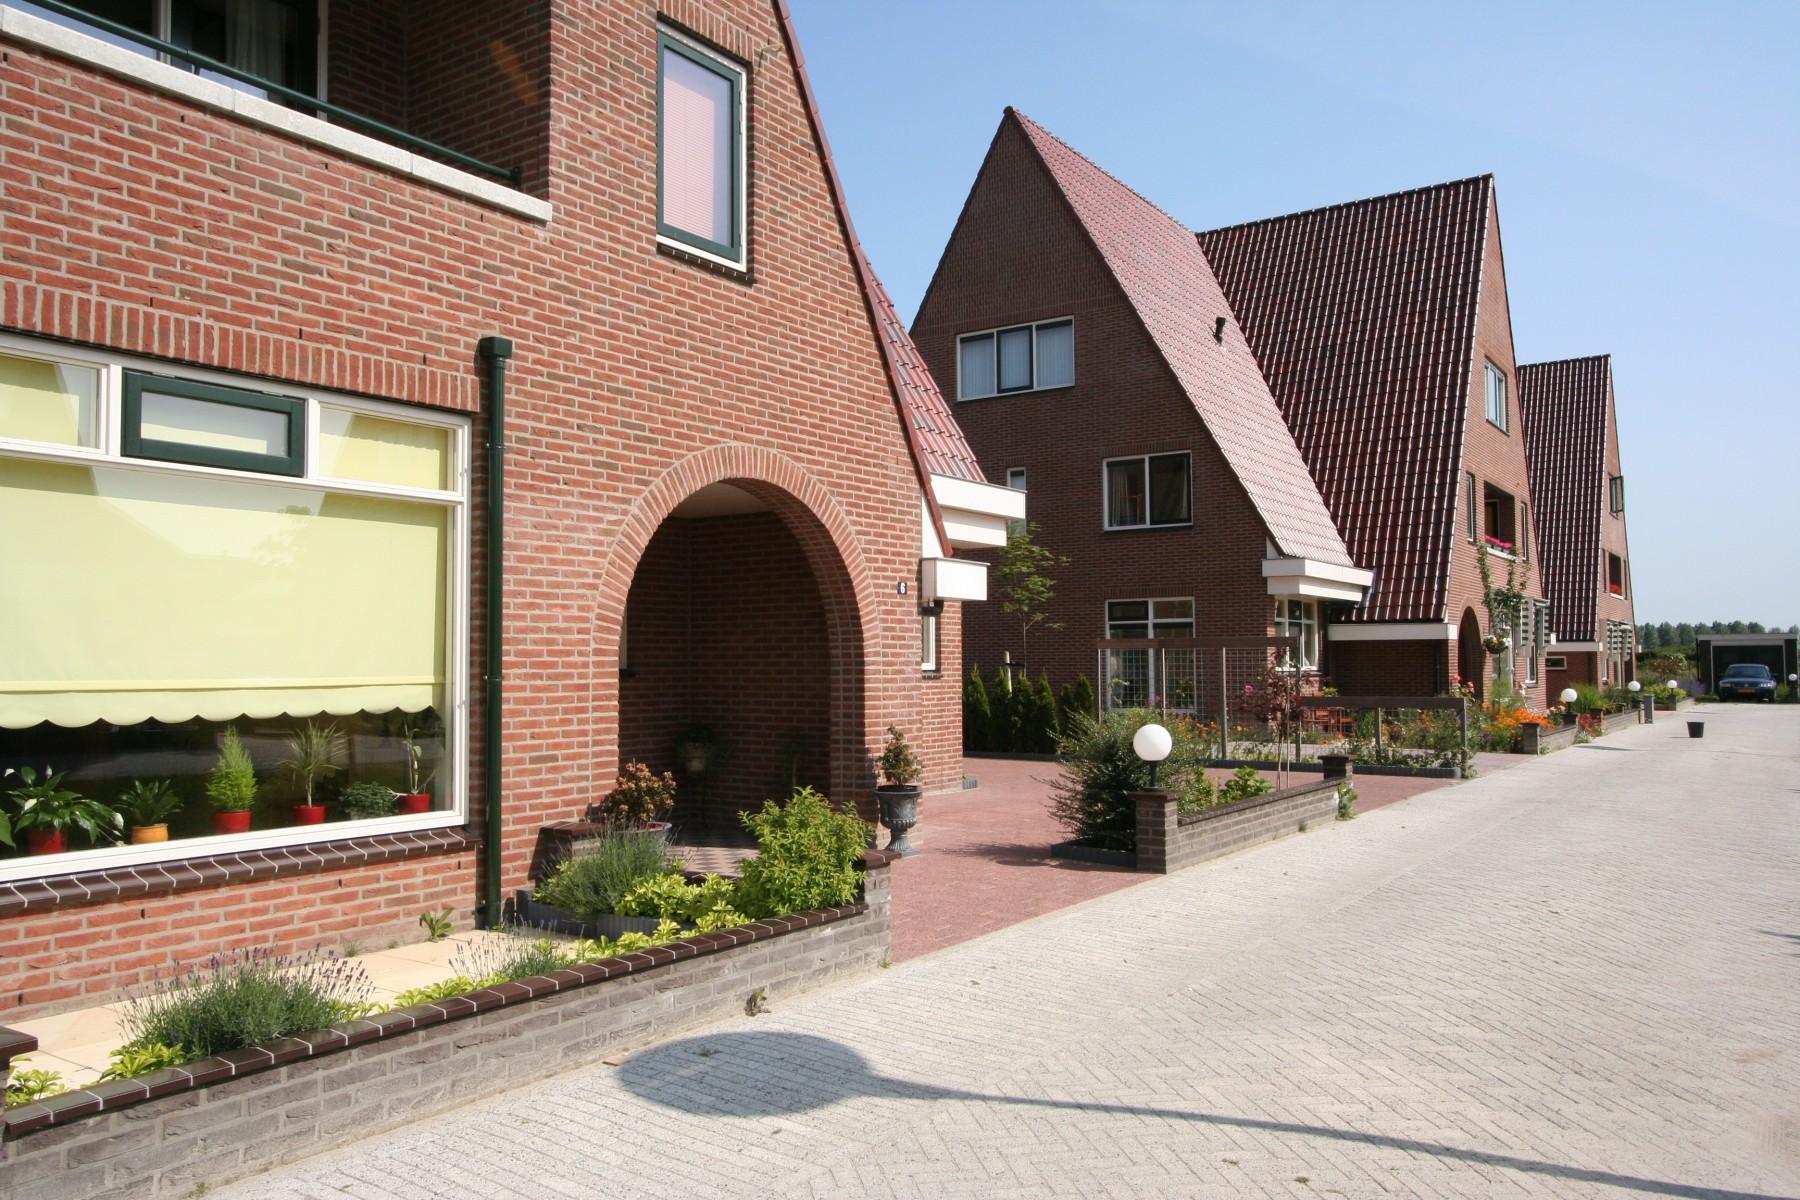 Zoetermeer, Oosterheem, 2-onder-1-kap woningen